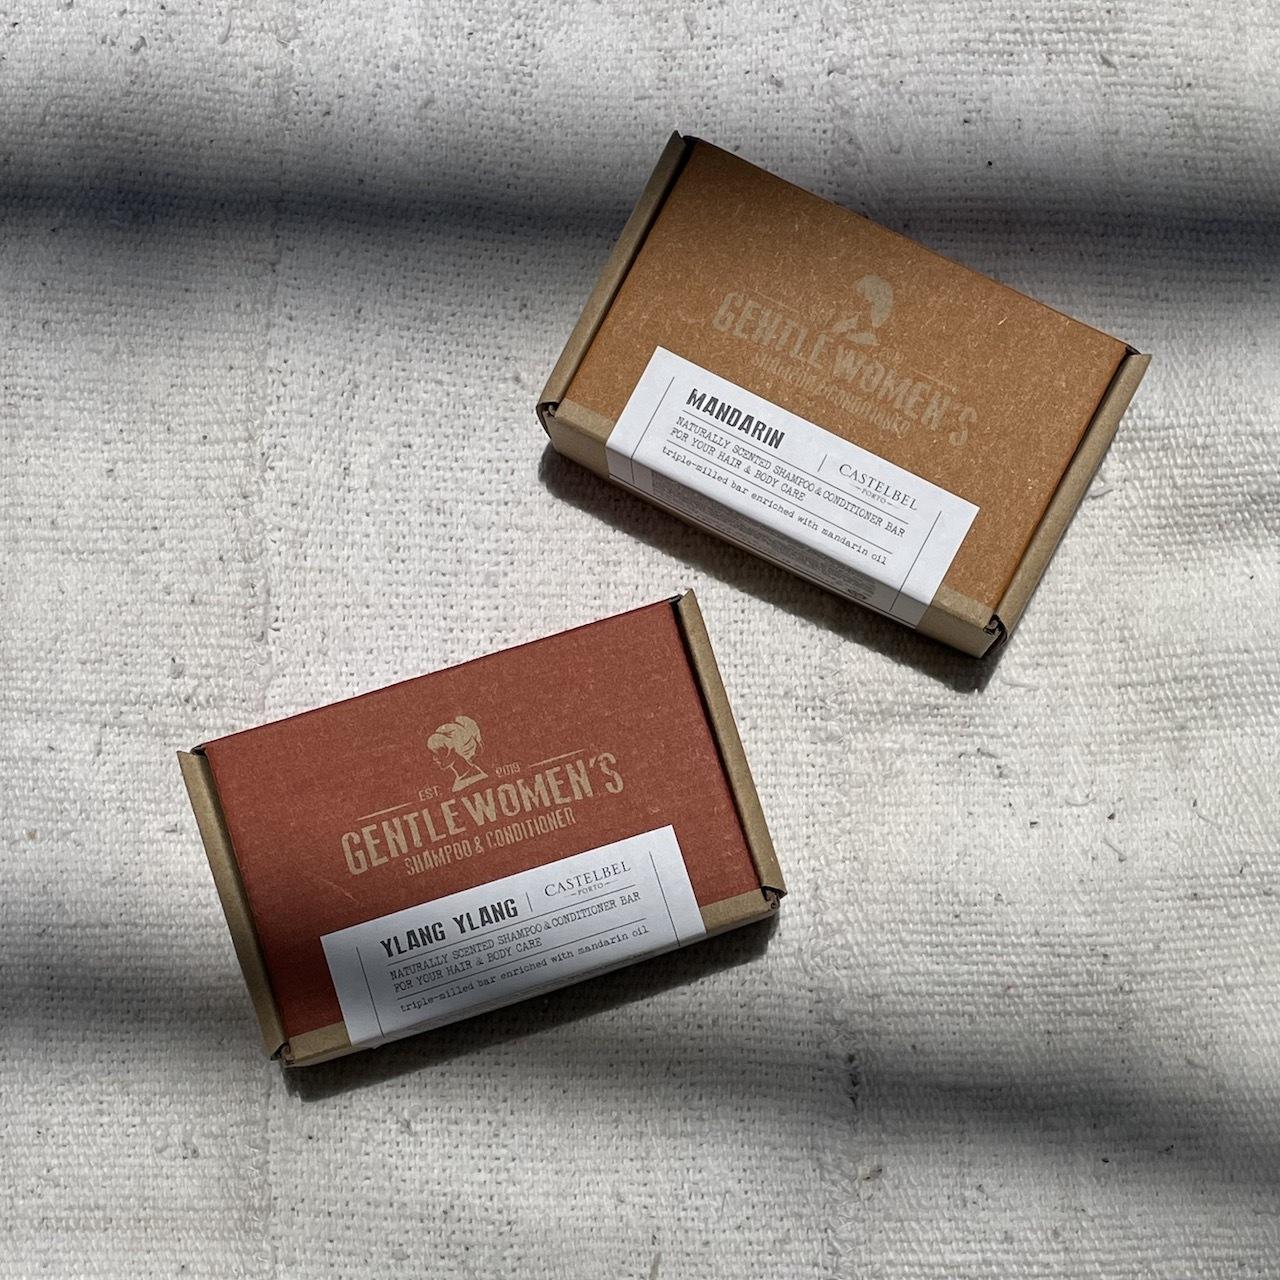 """"""" CASTELBEL Shampoo & Conditioner Bar / キャステルベル シャンプー&コンディショナーバーセット """""""